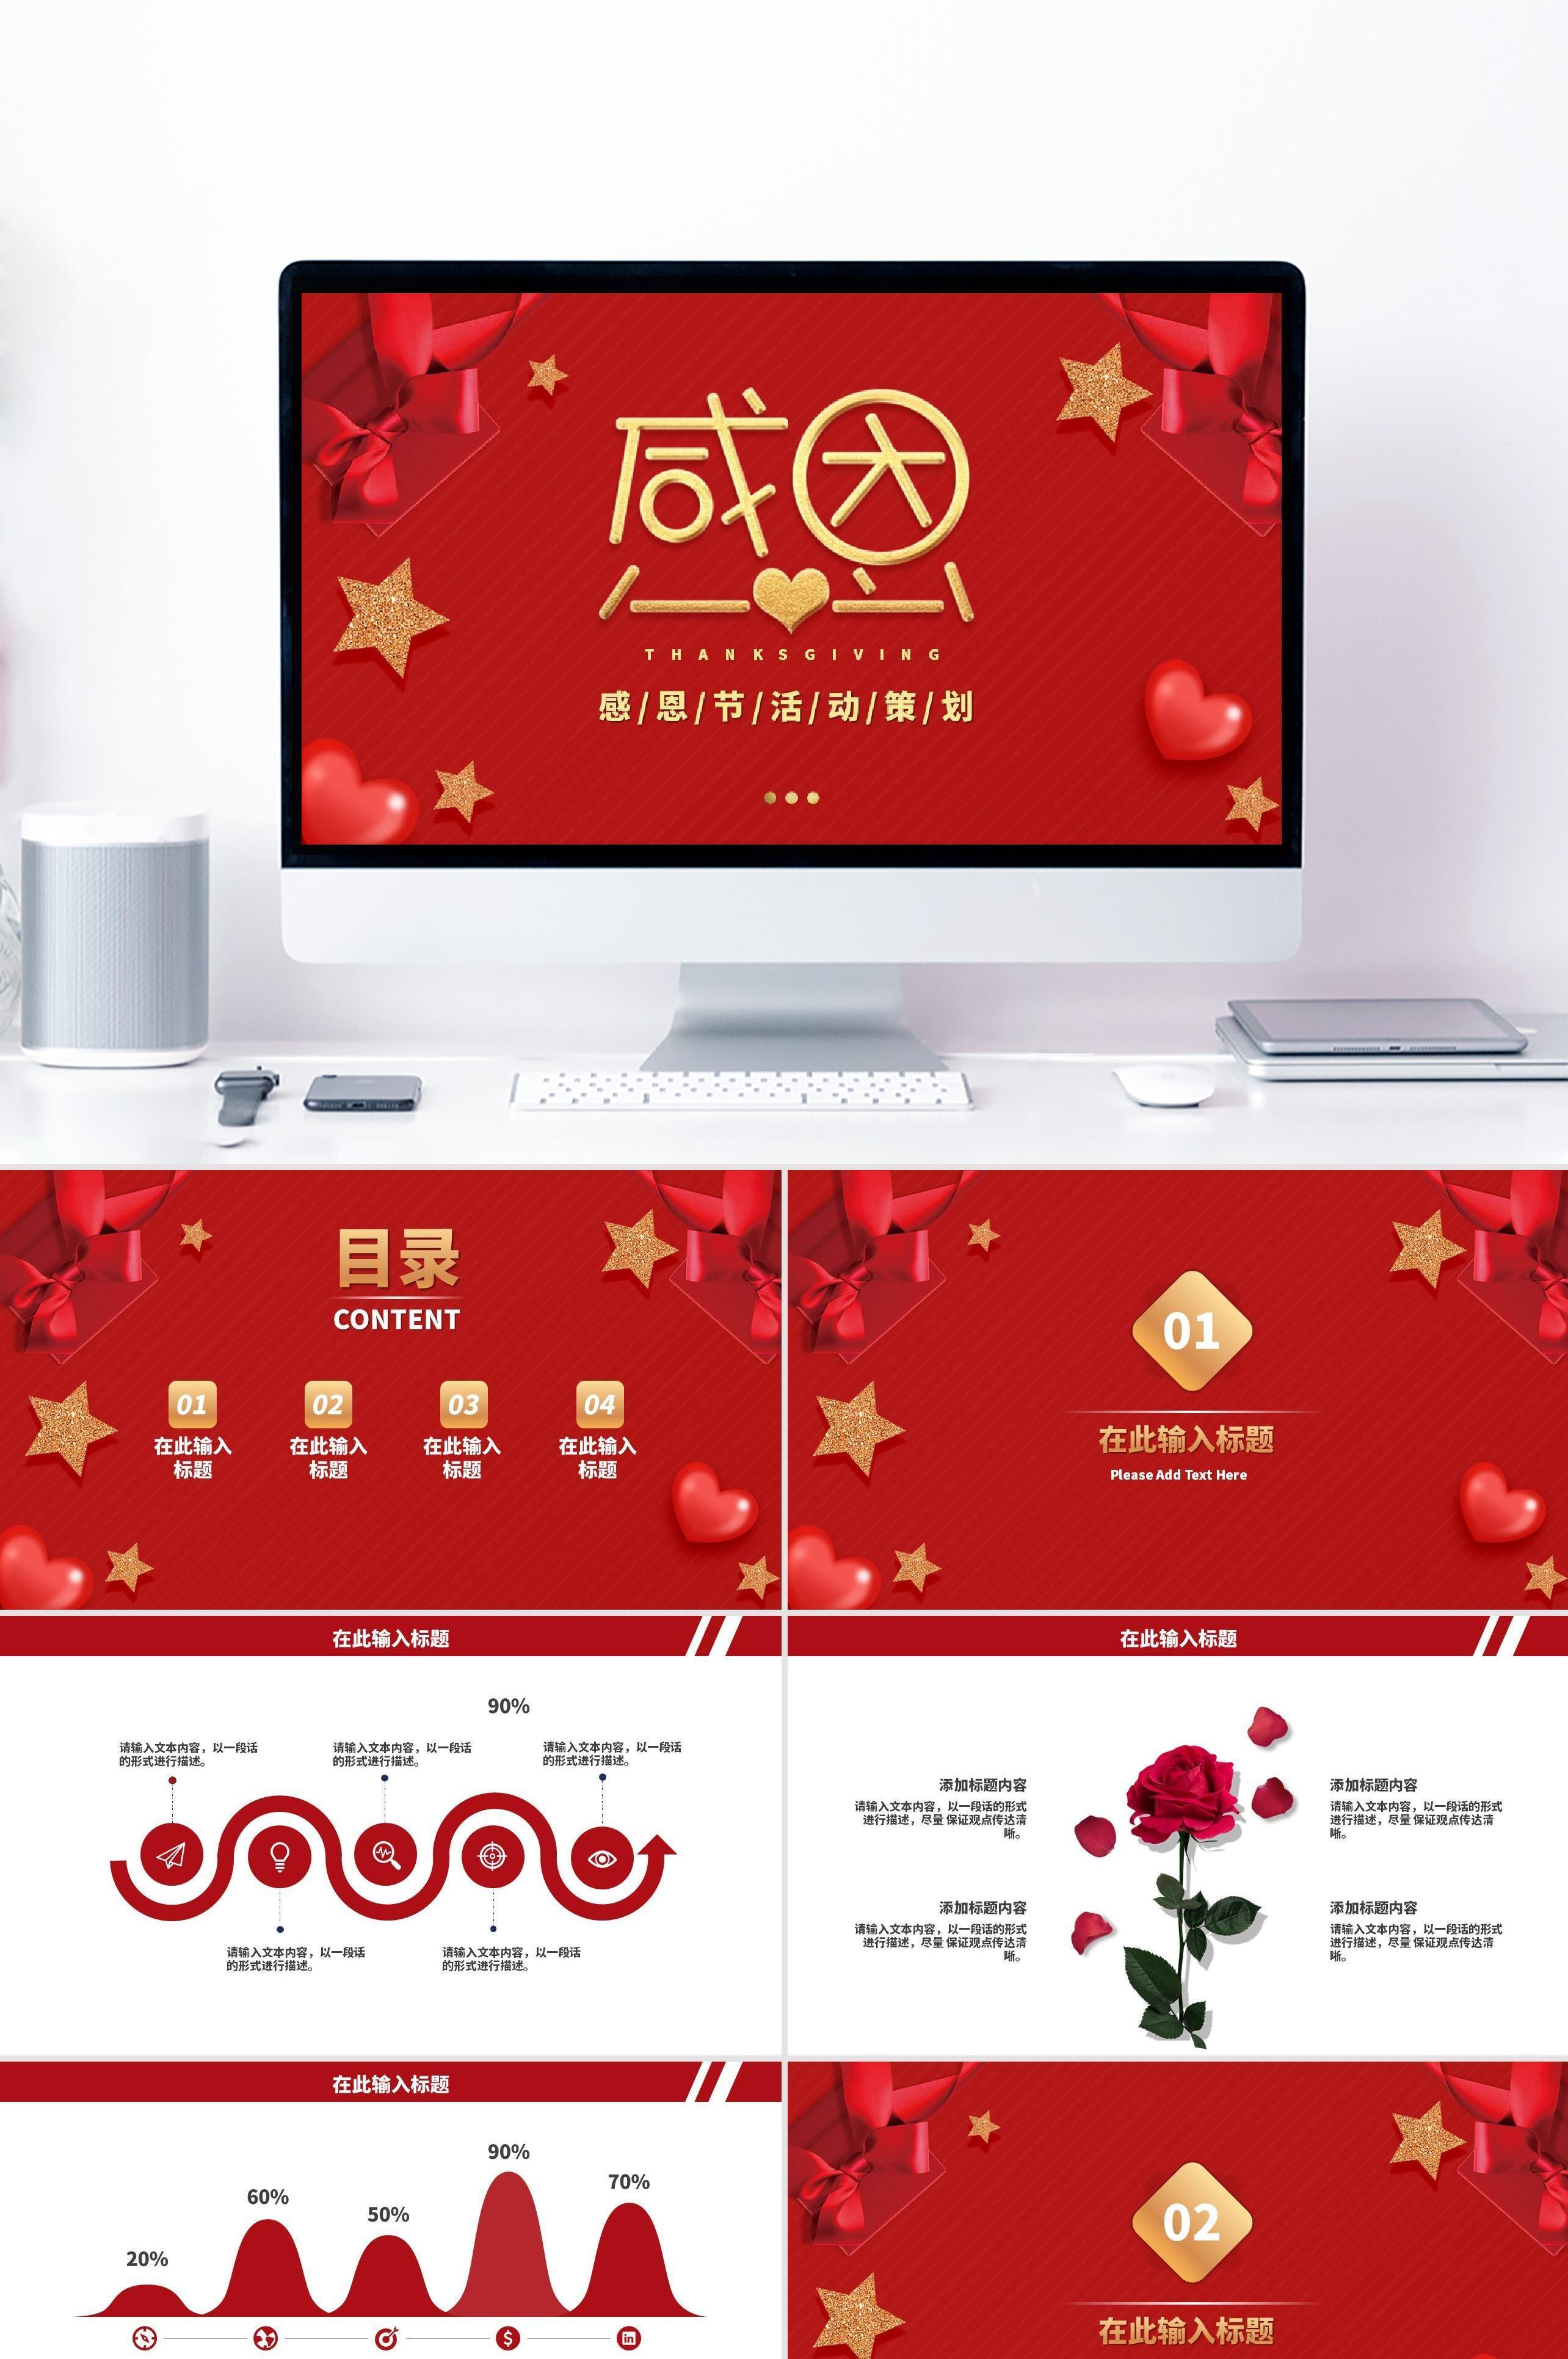 简约红色感恩节活动策划PPT模板